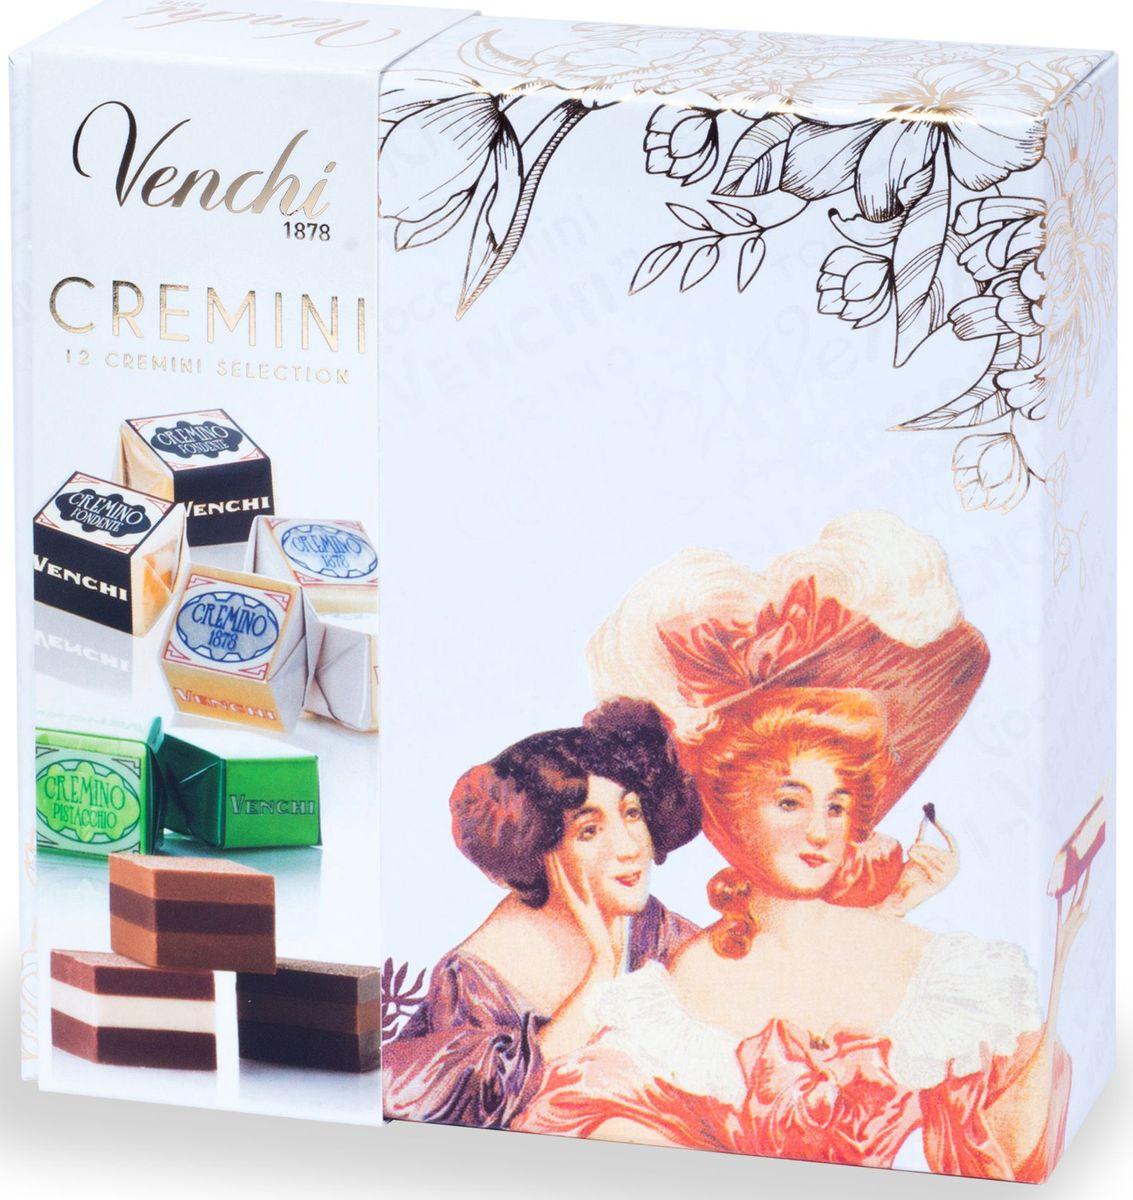 Venchi Cremino набор шоколадных конфет, 130 г chokocat любимой маме открытка с шоколадом 20 г